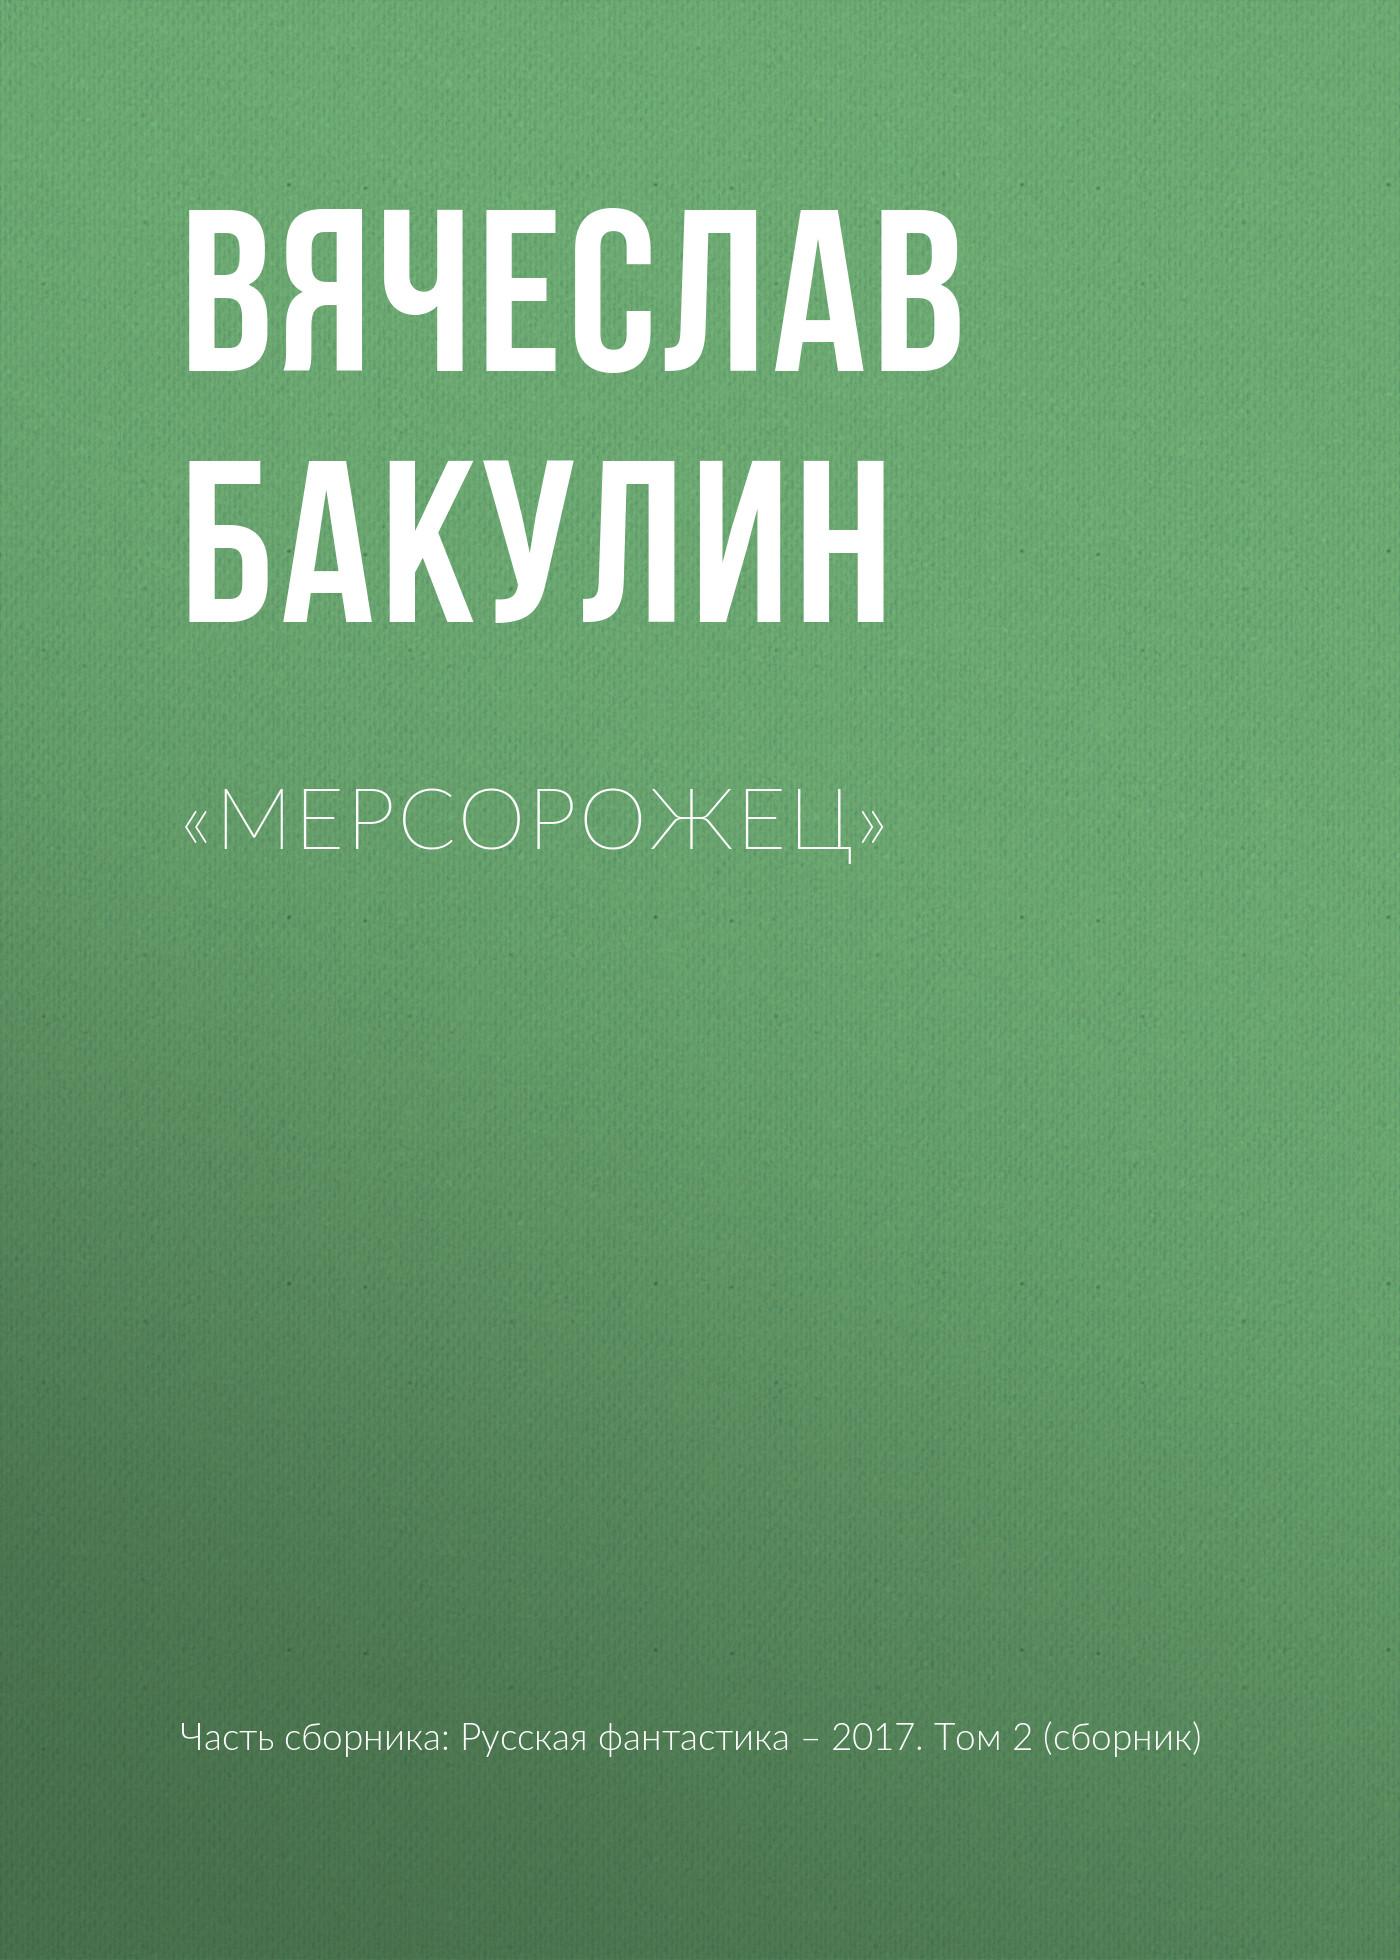 Вячеслав Бакулин «Мерсорожец» вячеслав бакулин танцующая